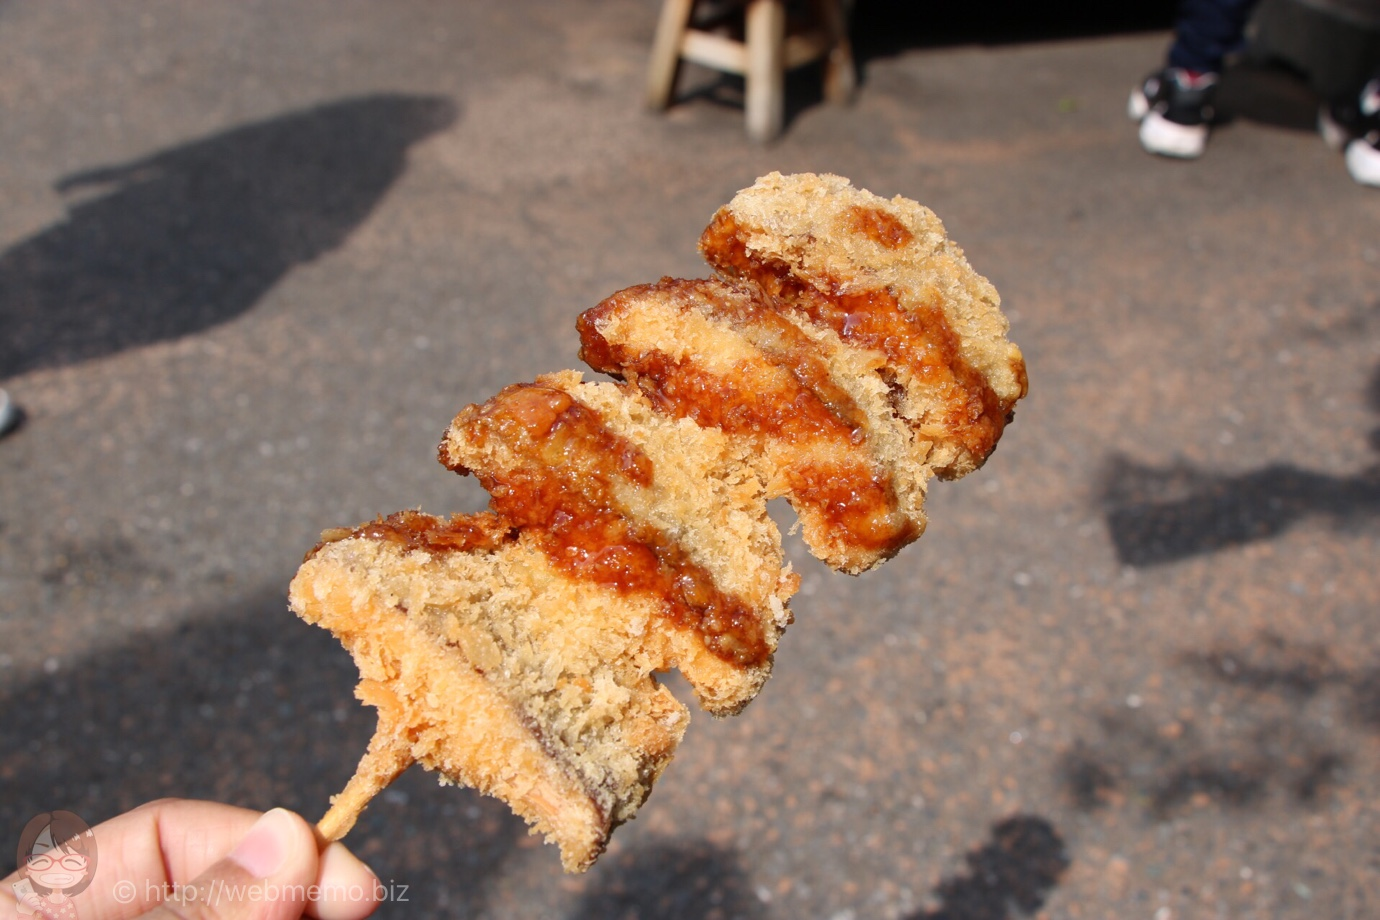 鎌倉で食べ歩き何度もしてるけど「あげまっしゅ」がやっぱり安定のお気に入りグルメ!